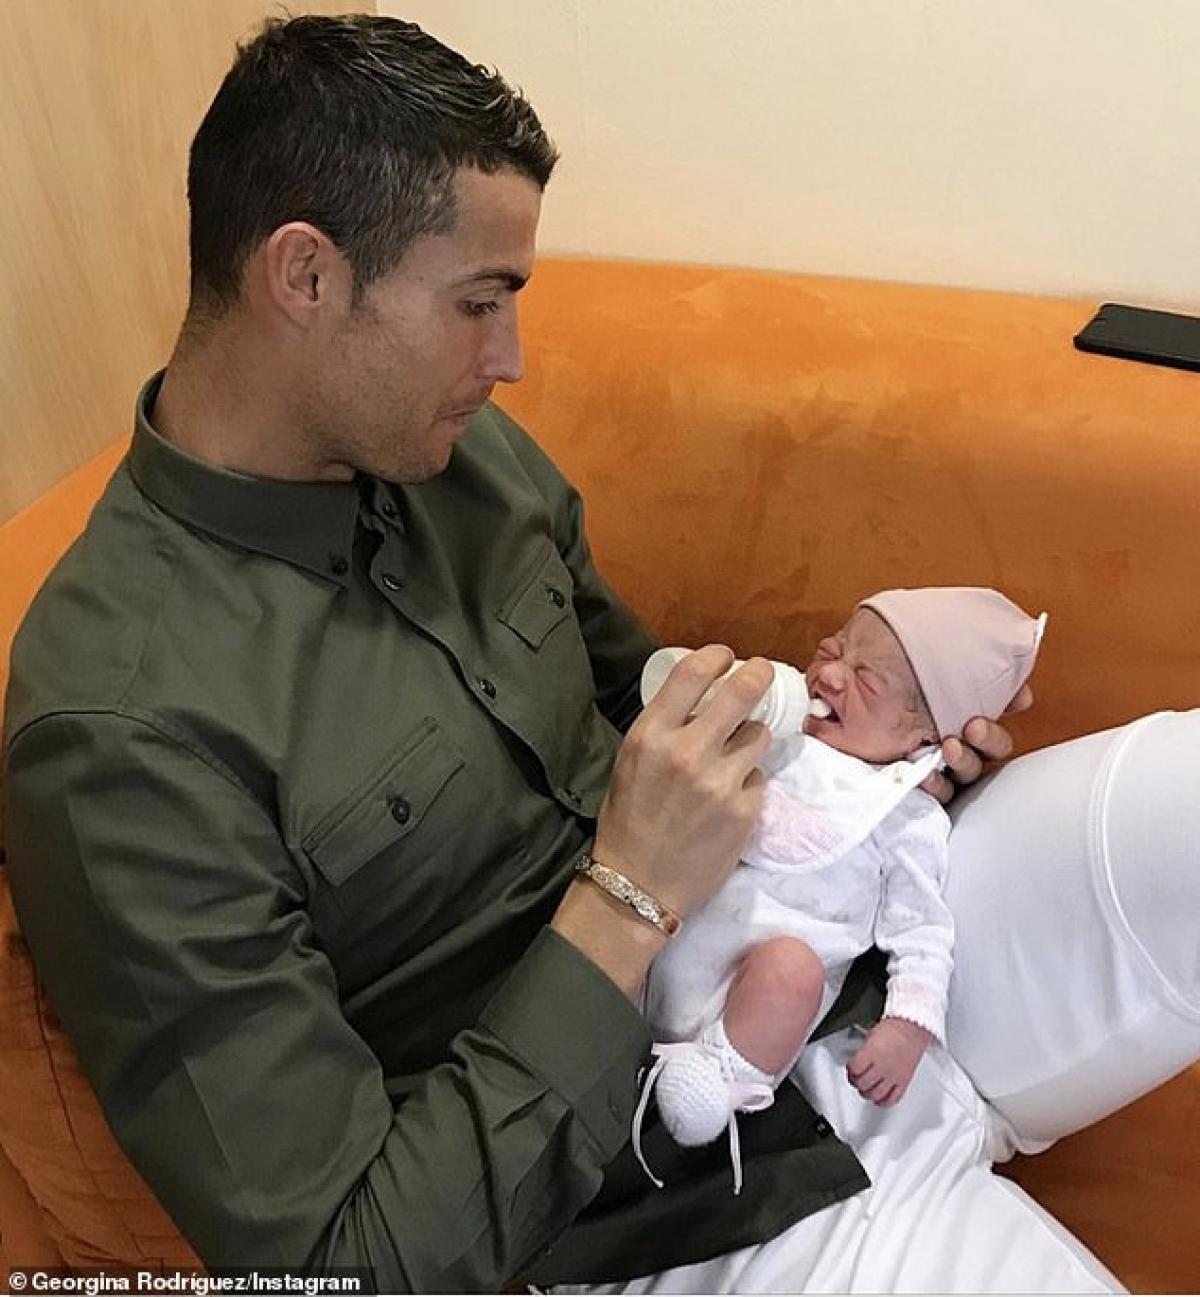 """Trên trang Instagram trước đó, Georgina Rodriguez bất ngờ chia sẻ hình ảnh bạn trai C.Ronaldo đang cho con gái bú bình kèm dòng chú thích, """"Tình yêu thuần khiết. Bức ảnh này khiến tôi rất phấn khích. Cả nhà yêu con, cuộc sống của bố mẹ. Chúc mừng sinh nhật con gái, 3 tuổi"""". Điều đáng chú ý là danh thủ Bồ Đào Nha trông khá căng thẳng khi một tay giữ đầu con gái mới sinh, một tay giữ bình sữa."""